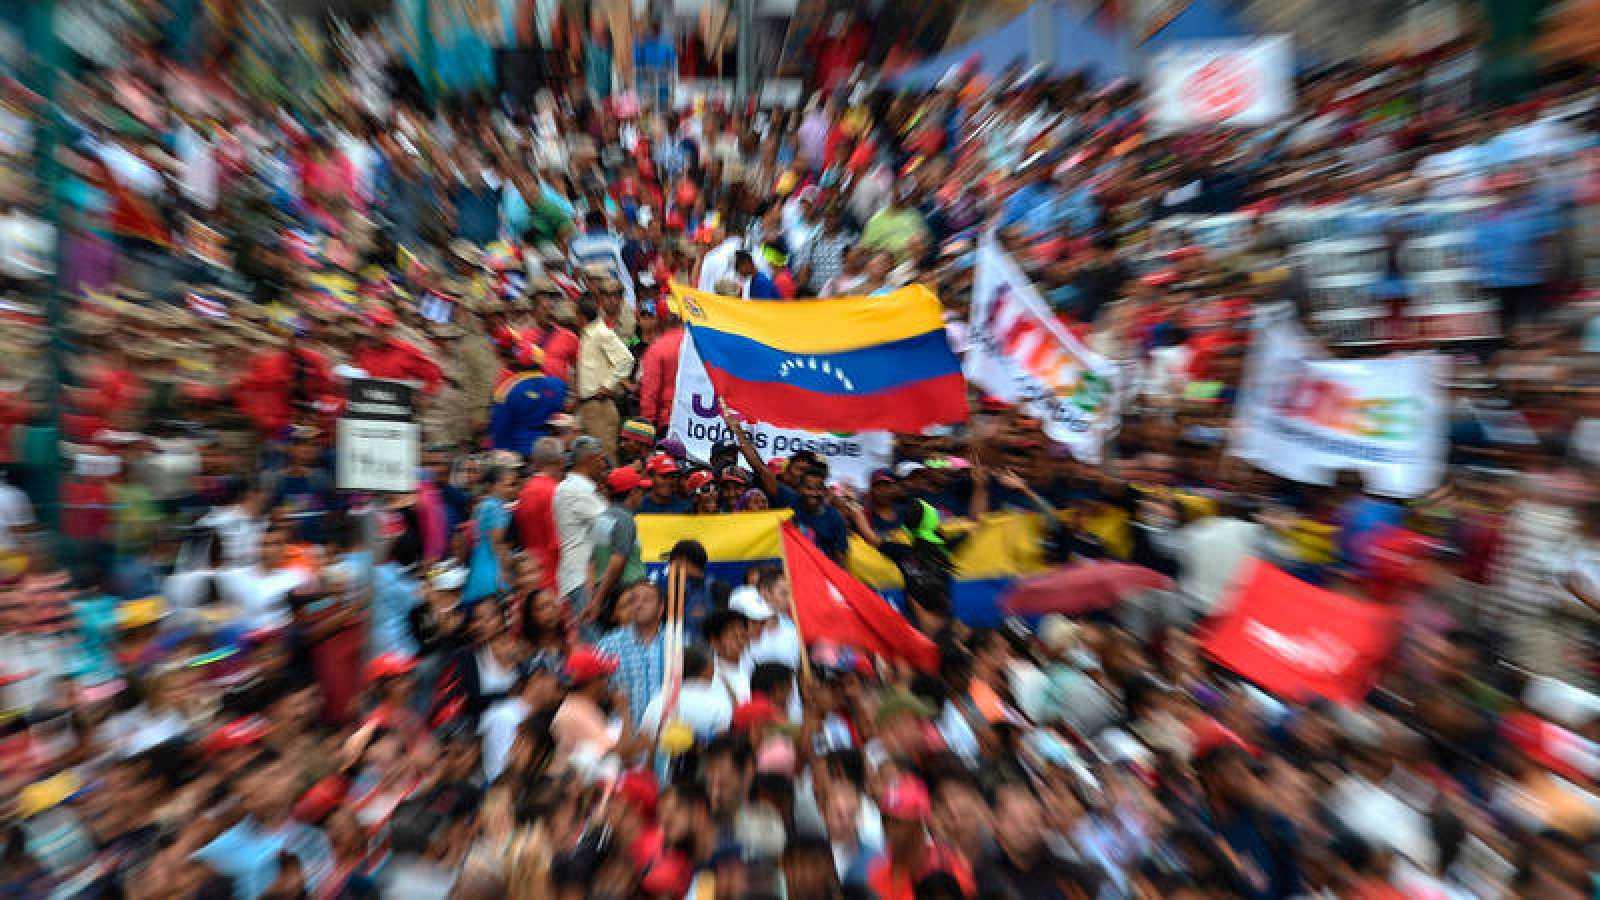 Partidarios del gobierno del presidente Nicolás Maduro participan en una marcha en respuesta a las protestas de los partidarios de la oposición